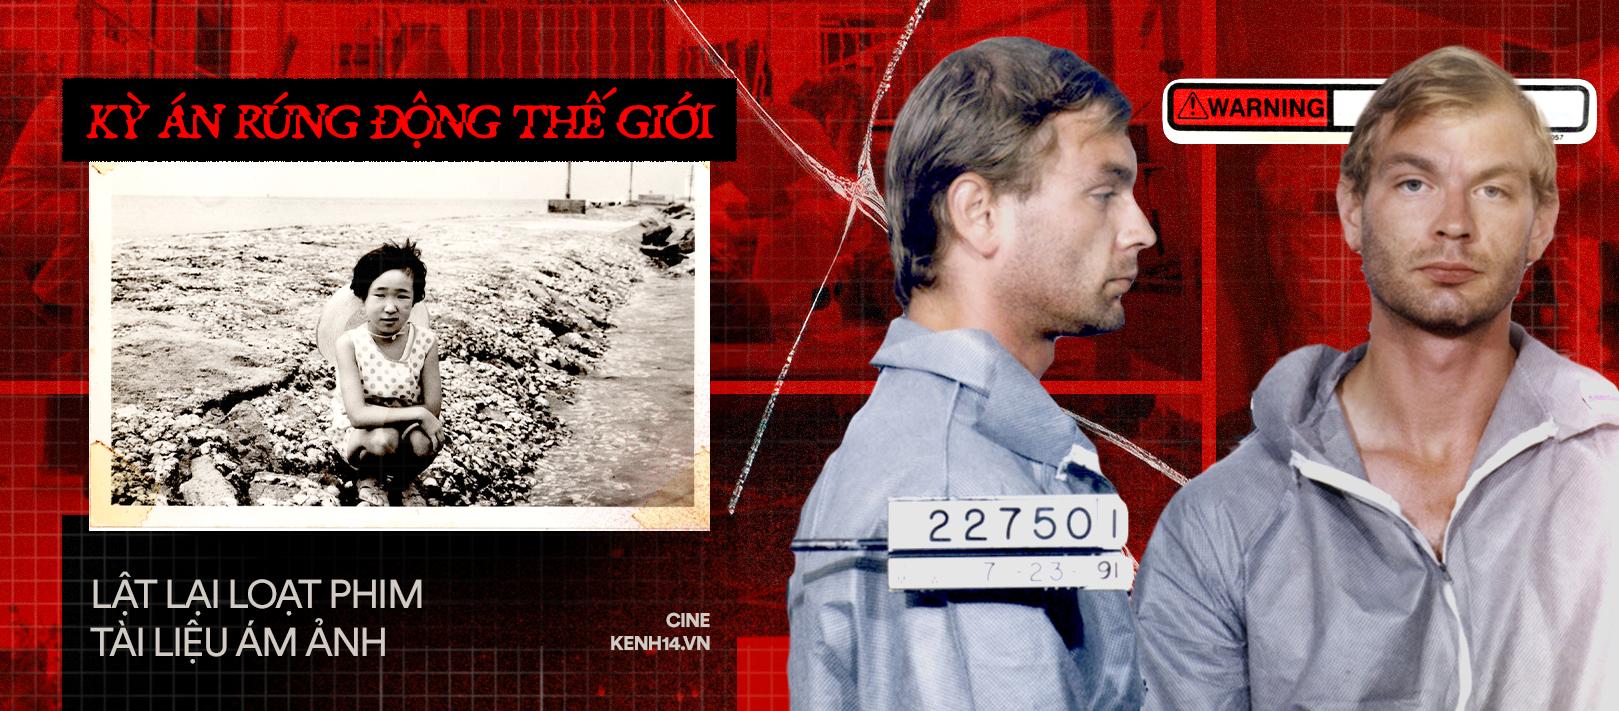 Khách sạn chết chóc Cecil tại Mỹ: Quá khứ gần 100 năm đẫm máu với nhiều vụ án kinh hoàng trở thành cảm hứng cho Hollywood - Ảnh 10.